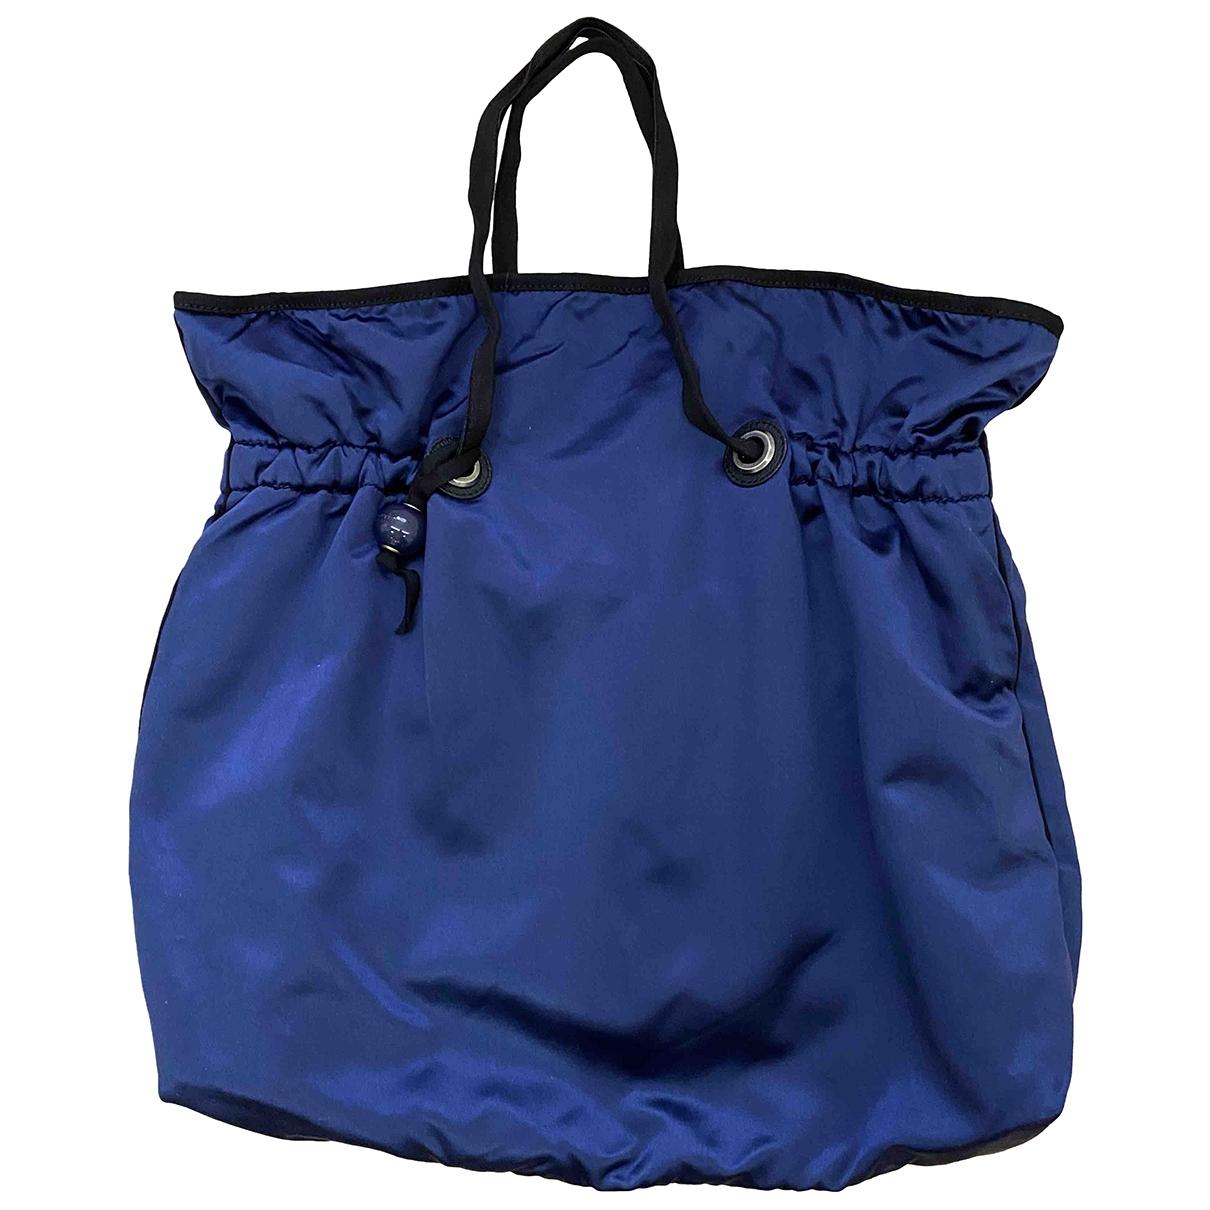 Lanvin - Sac a main   pour femme en toile - bleu